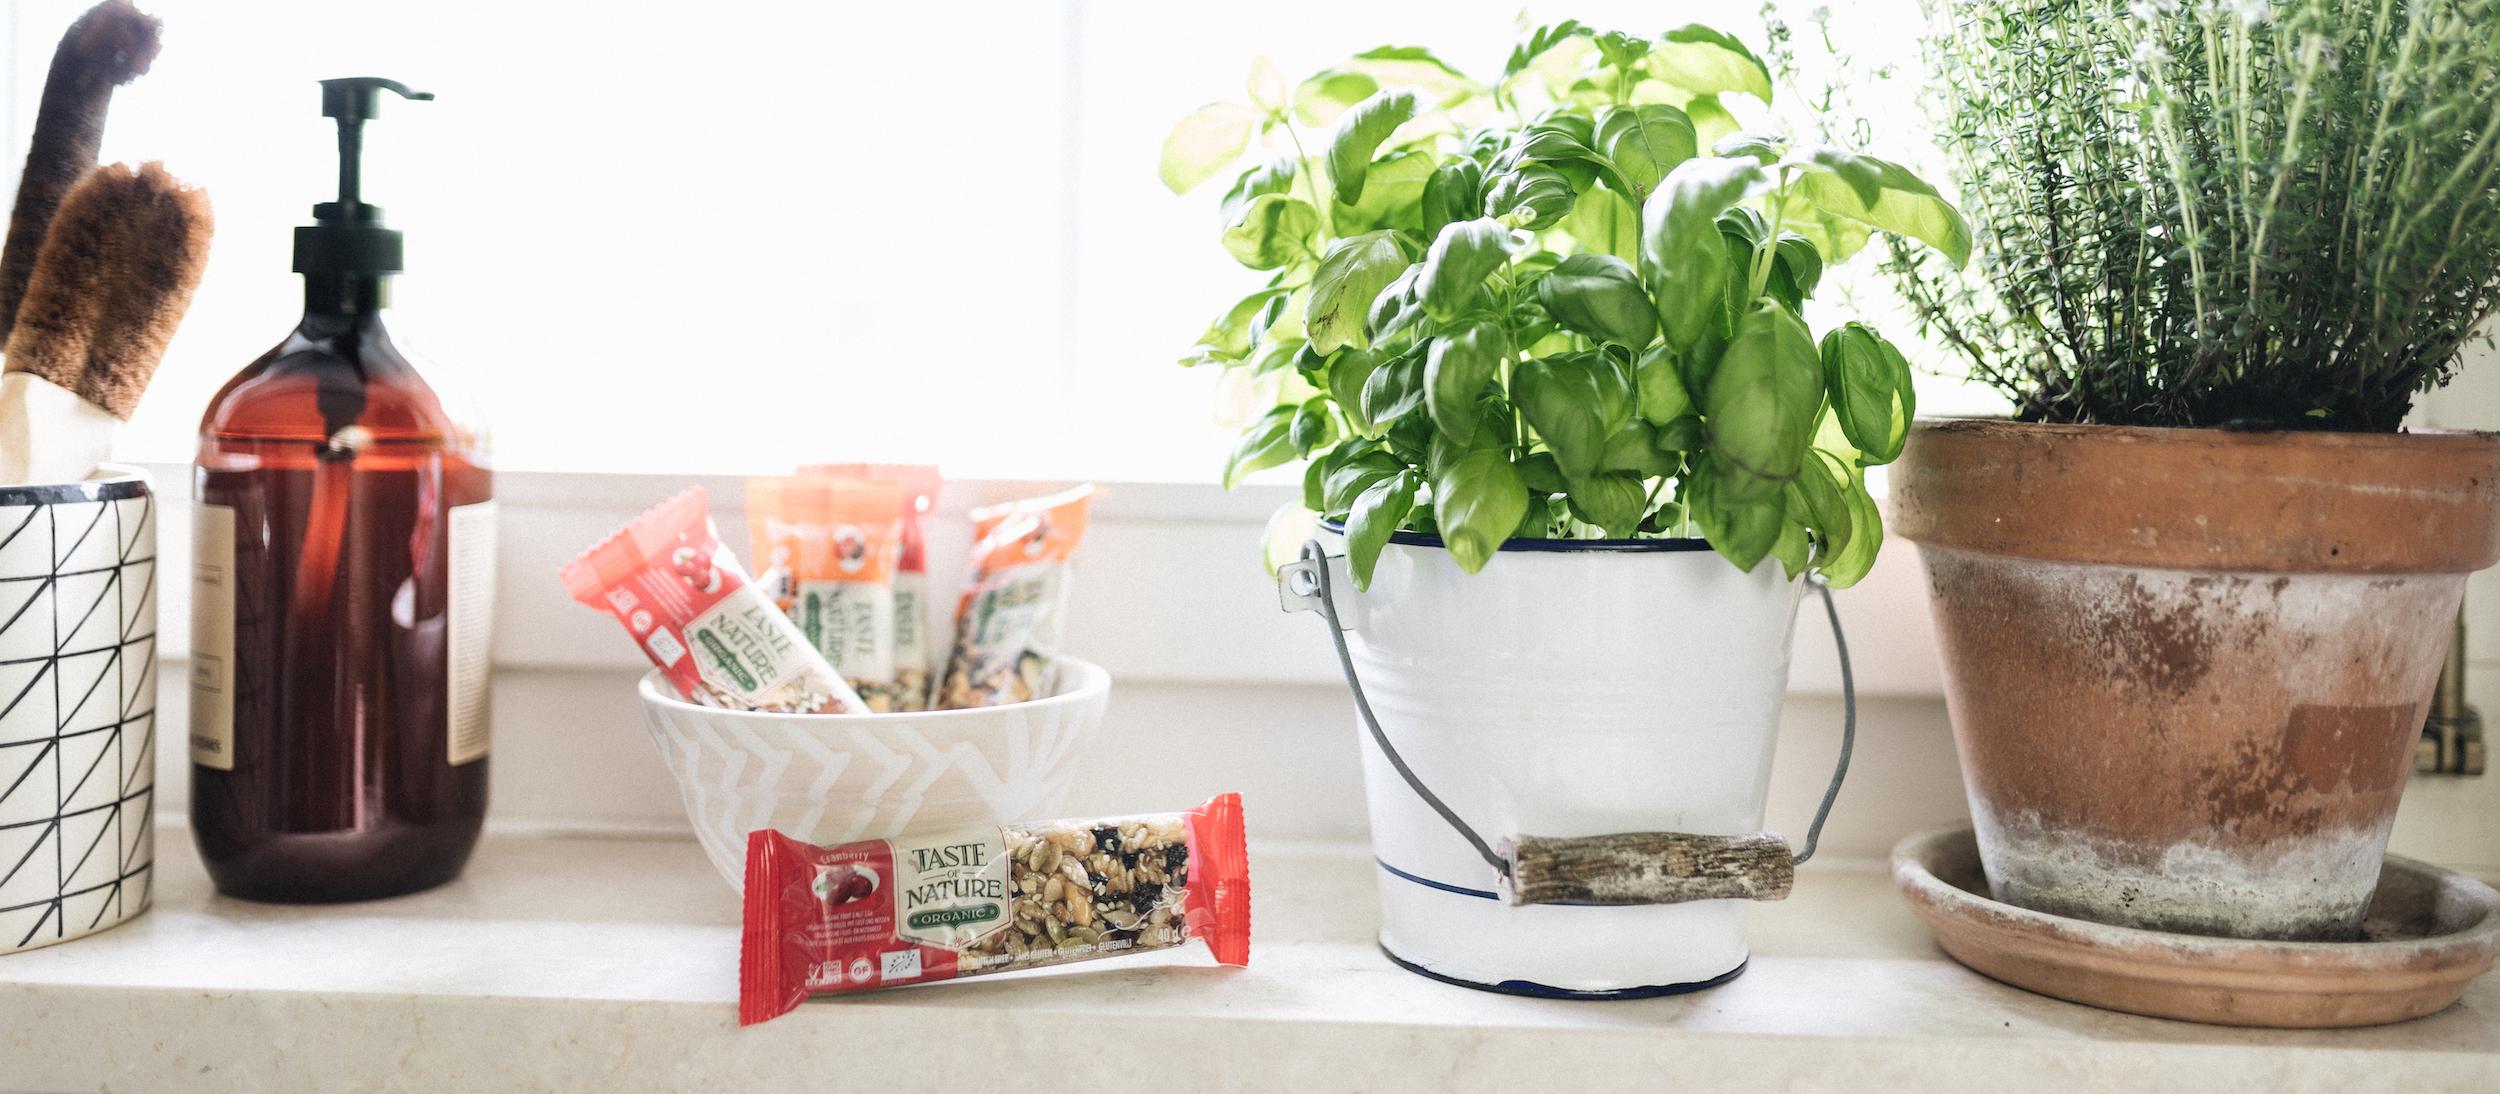 Plantes Aromatiques En Jardinière jardinières d'herbes aromatiques à planter soi-même – taste